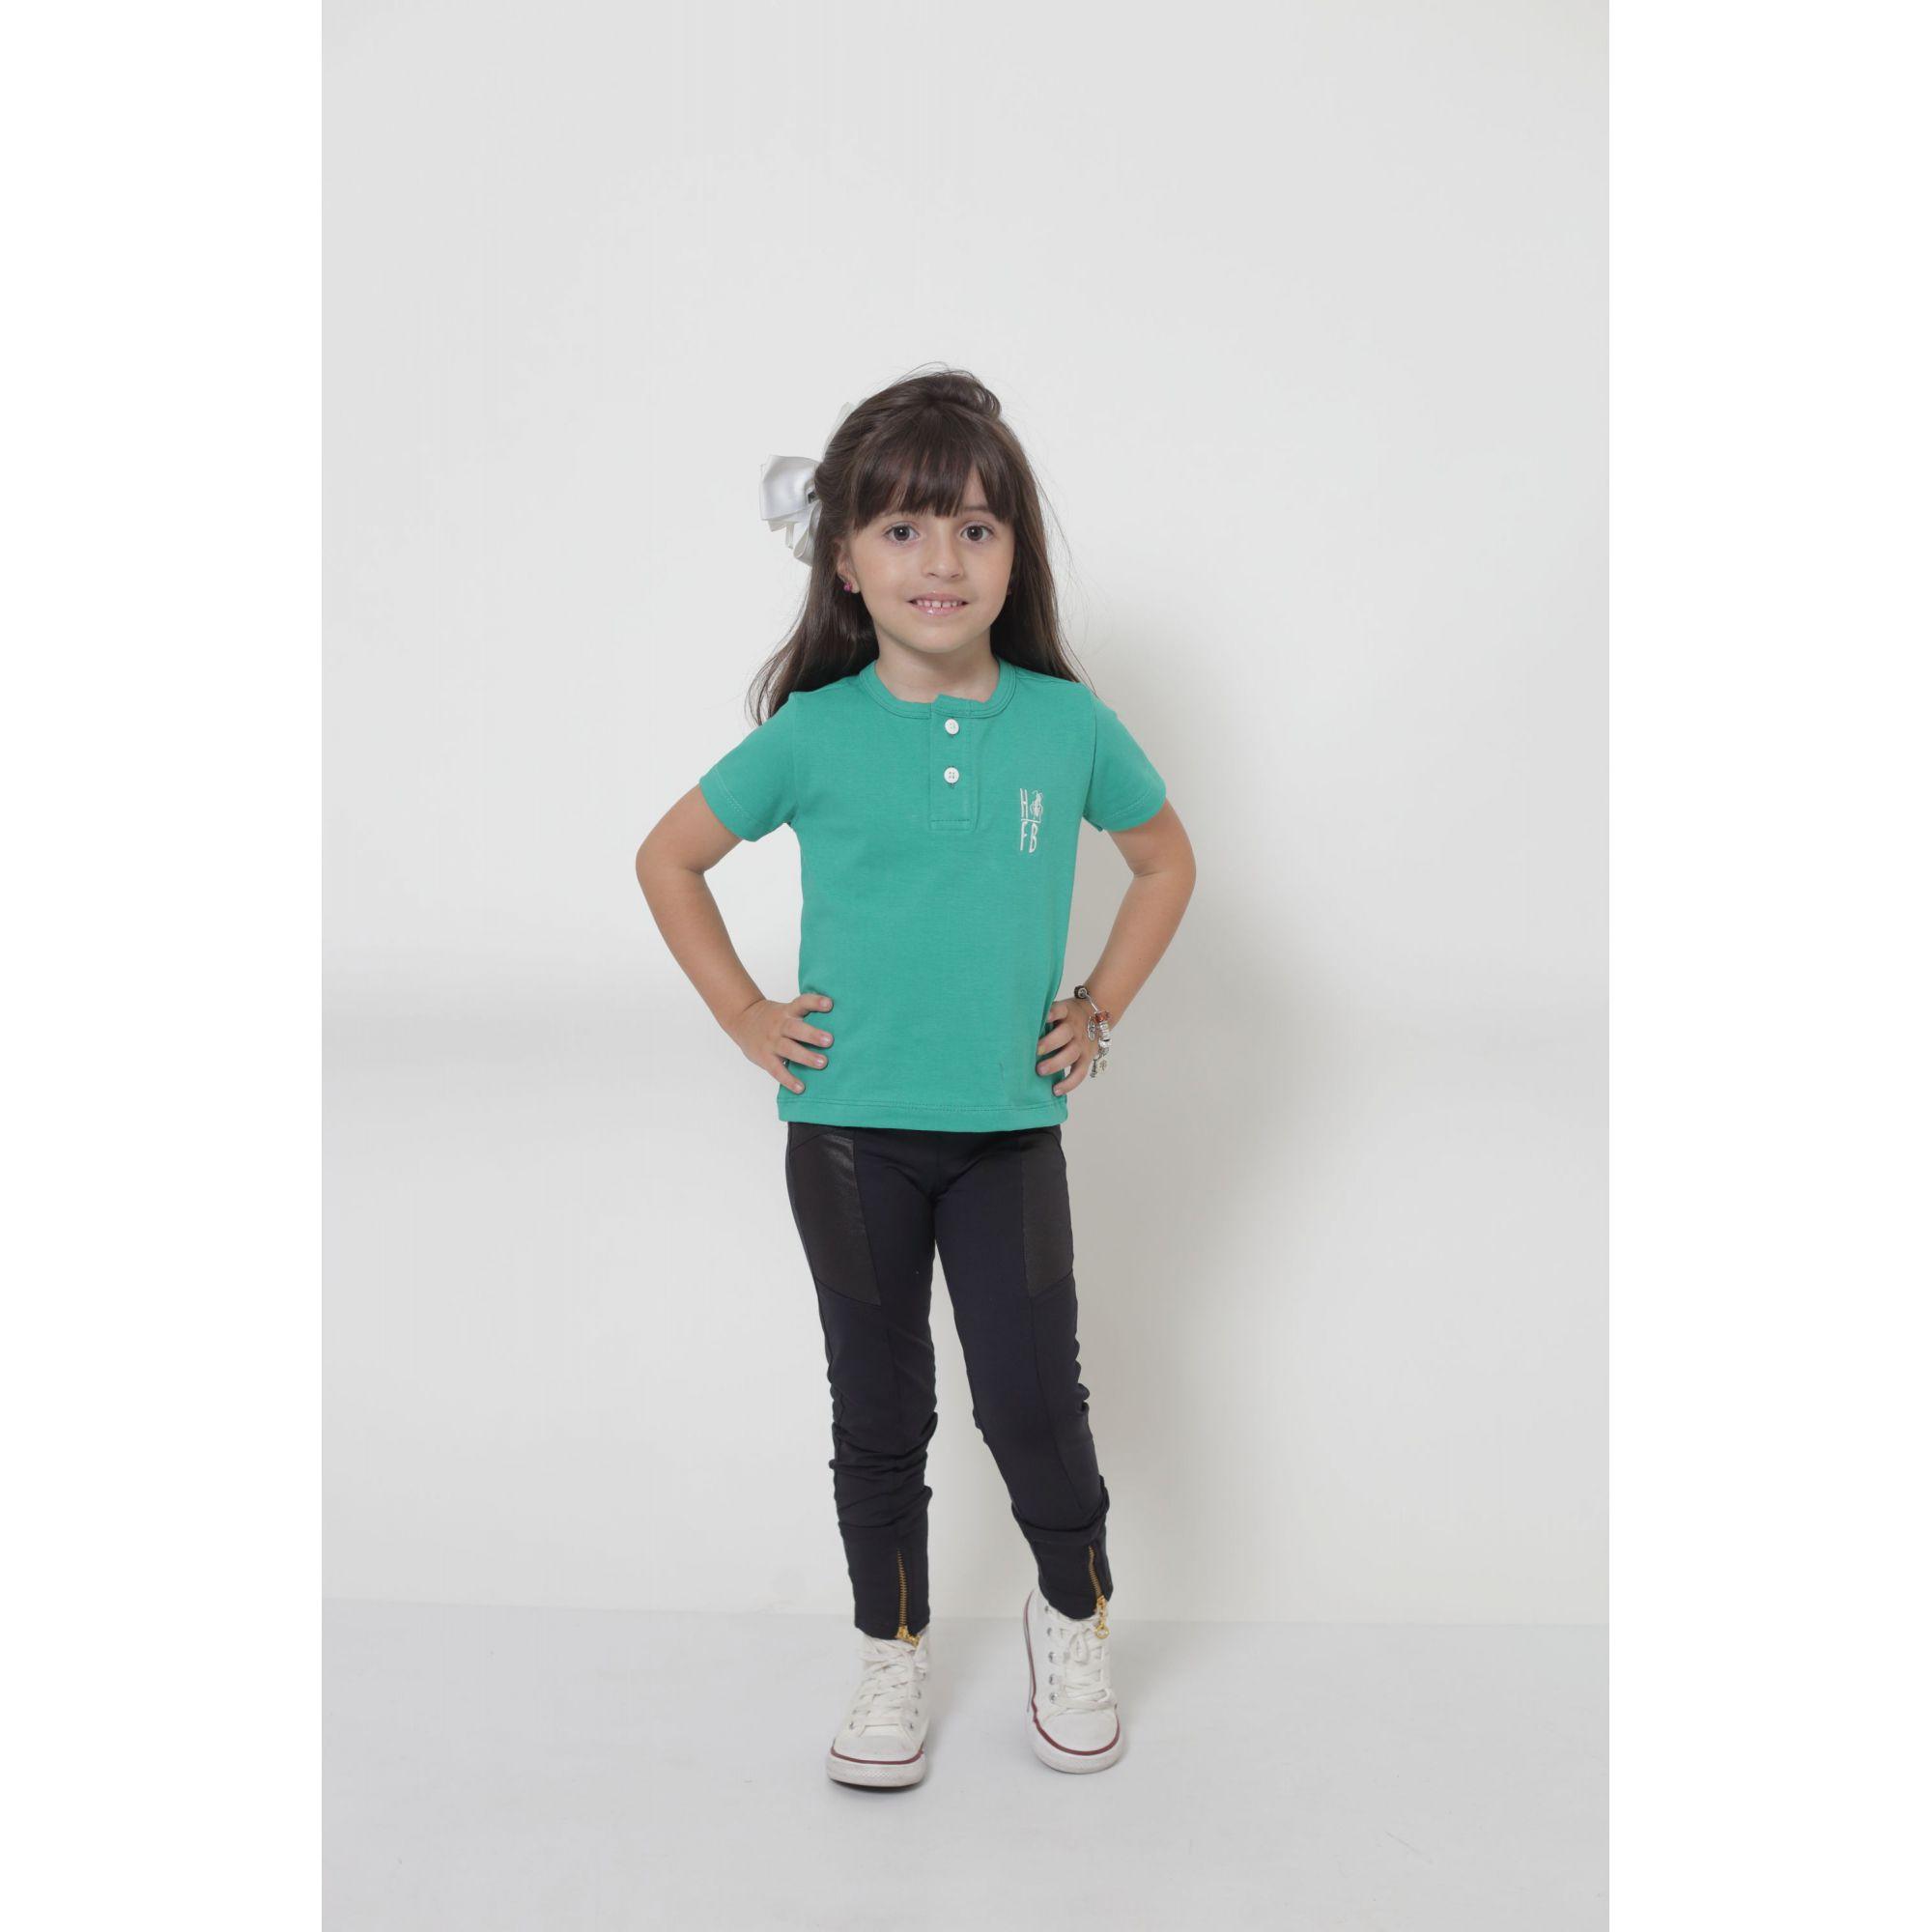 PAIS E FILHA > Kit 3 Peças T-Shirt ou Body Henley - Verde Jade [Coleção Família]  - Heitor Fashion Brazil